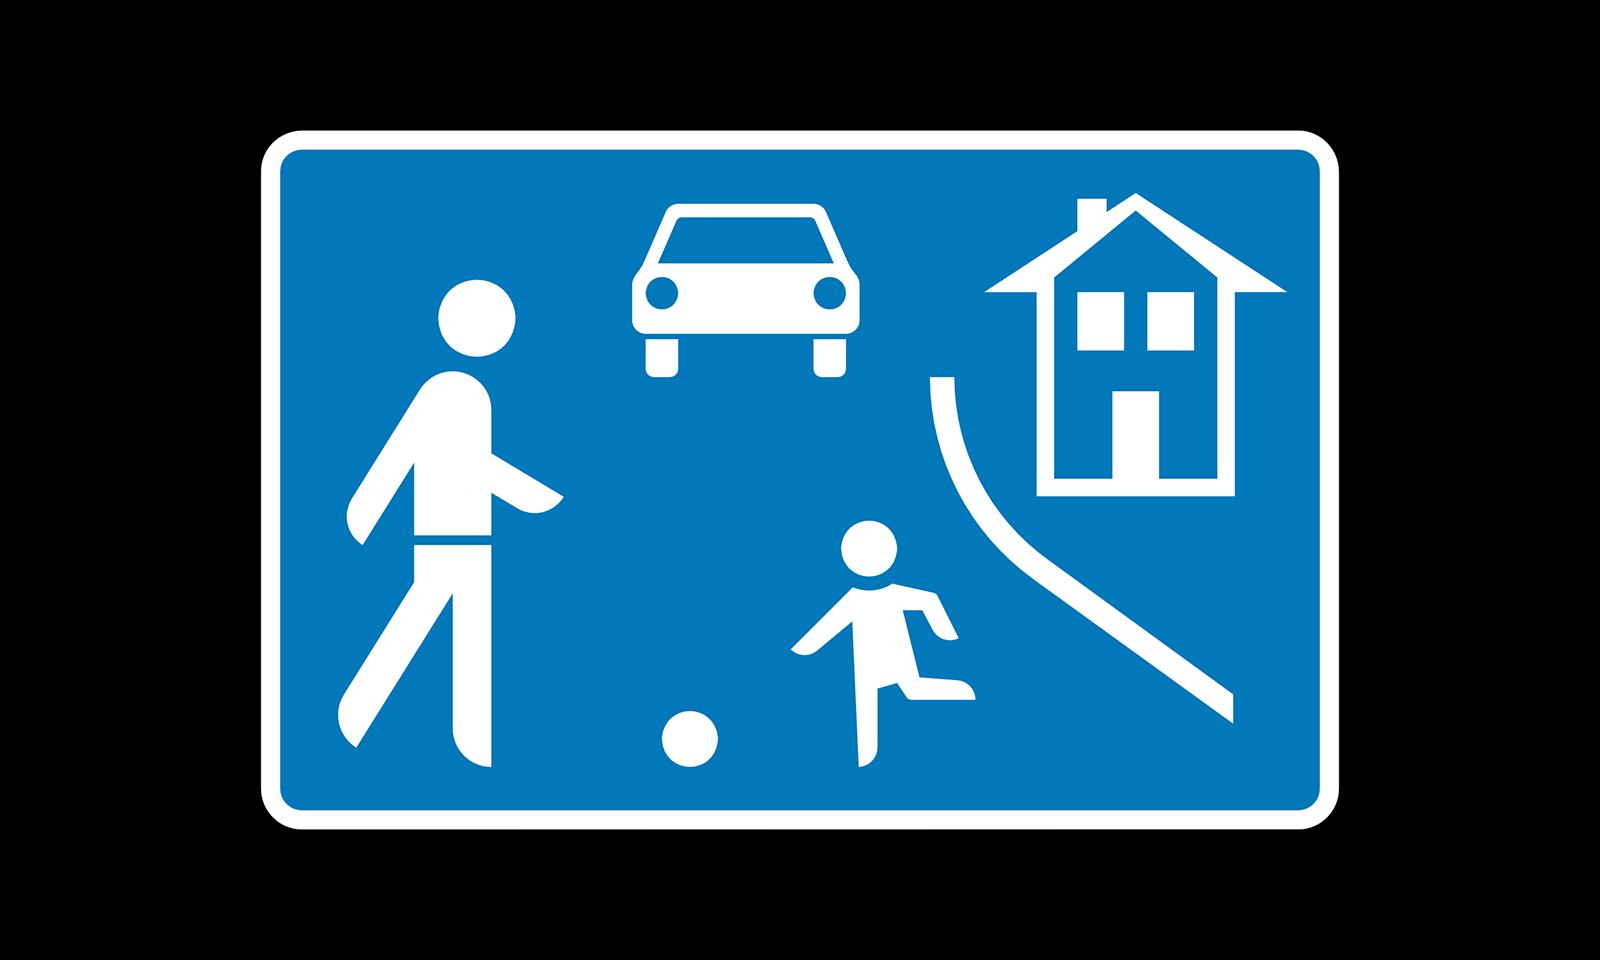 Was gilt nach diesem Verkehrszeichen? (Frage-Nr. 1.4.42-140)